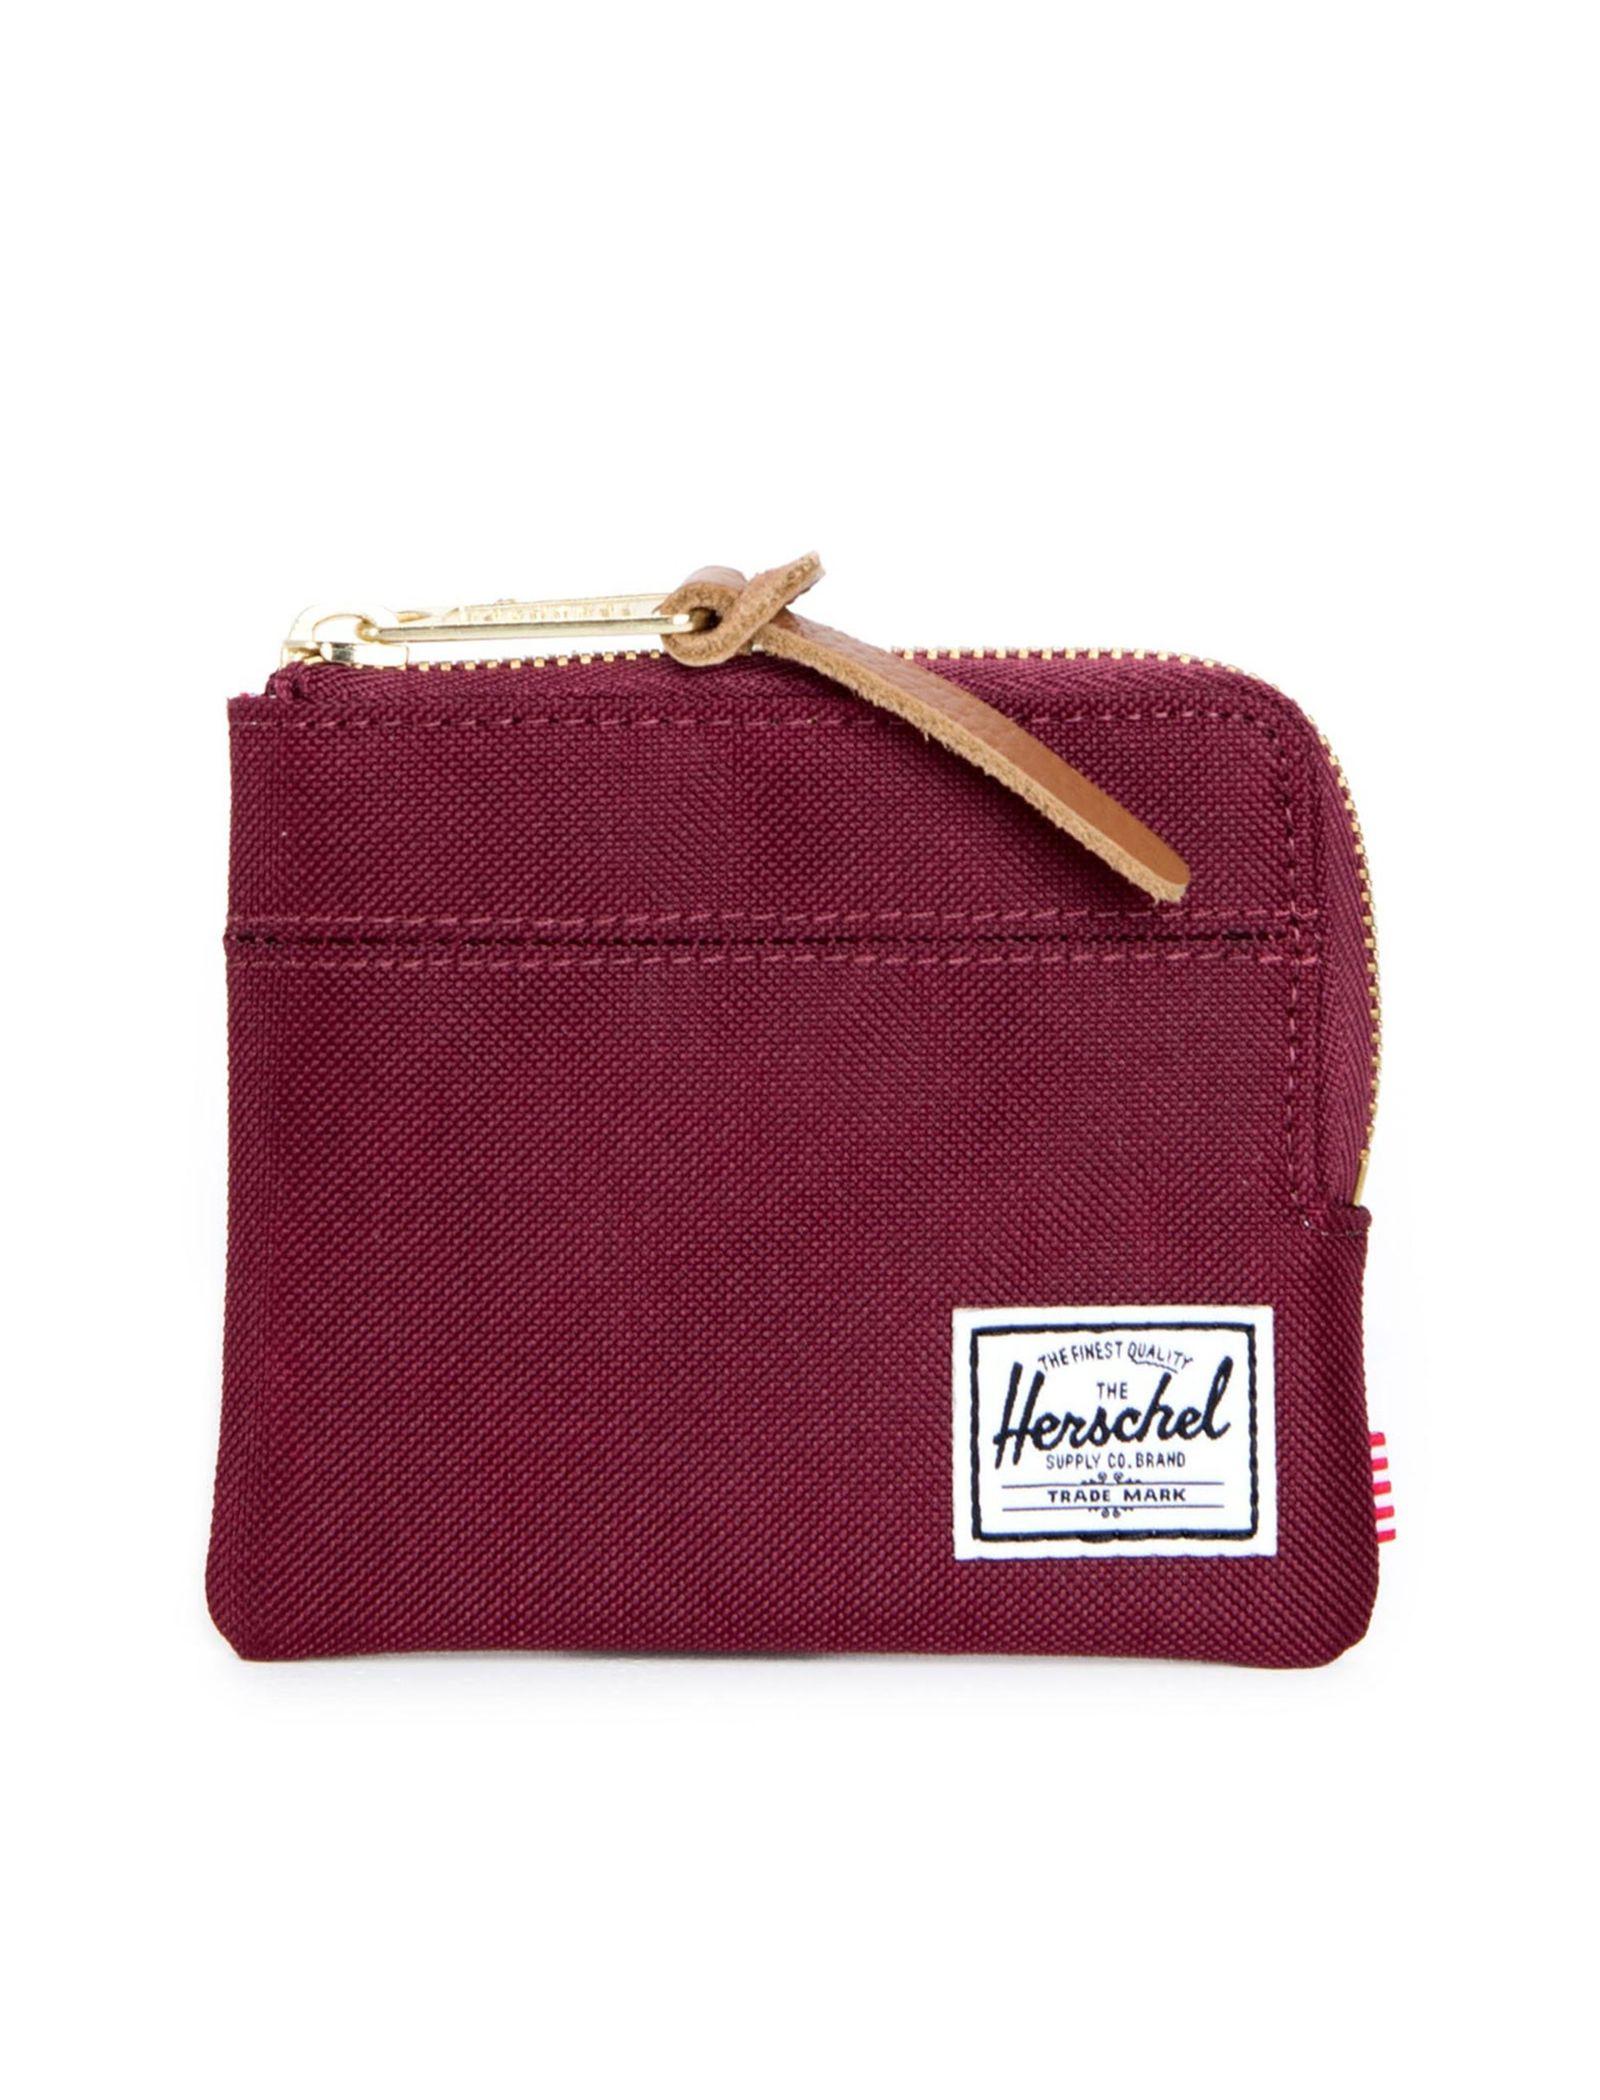 کیف پول زیپ دار زنانه - هرشل - زرشکي - 1